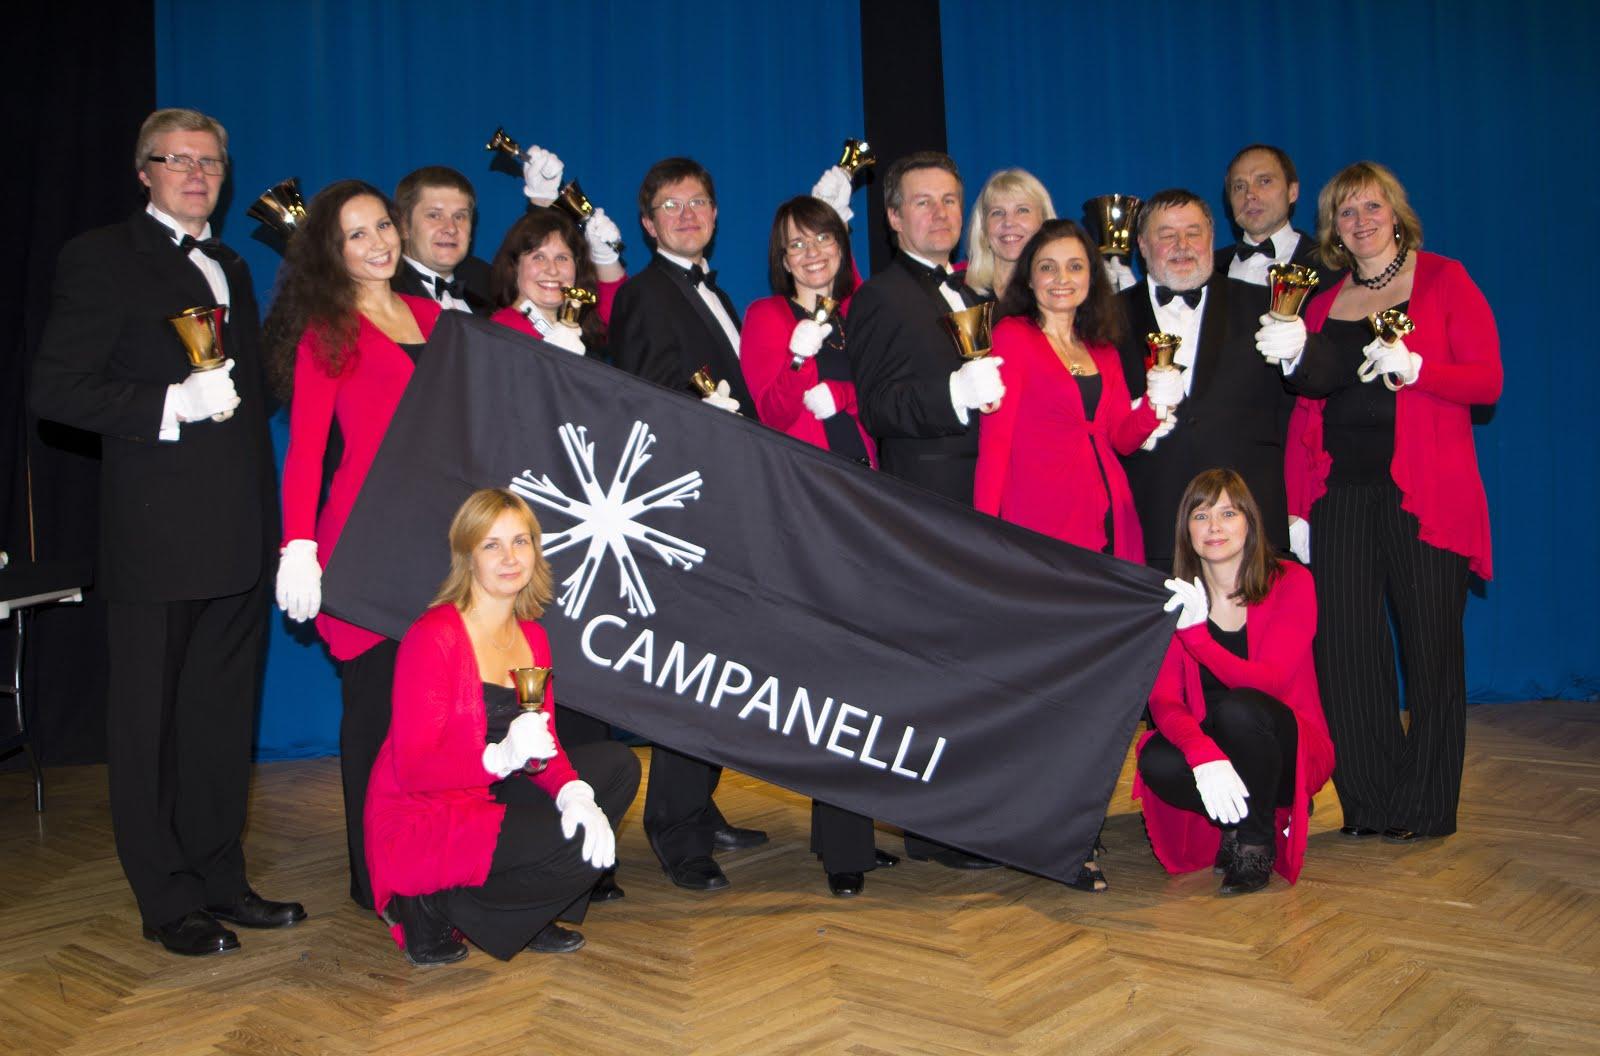 Campanelli koosseis